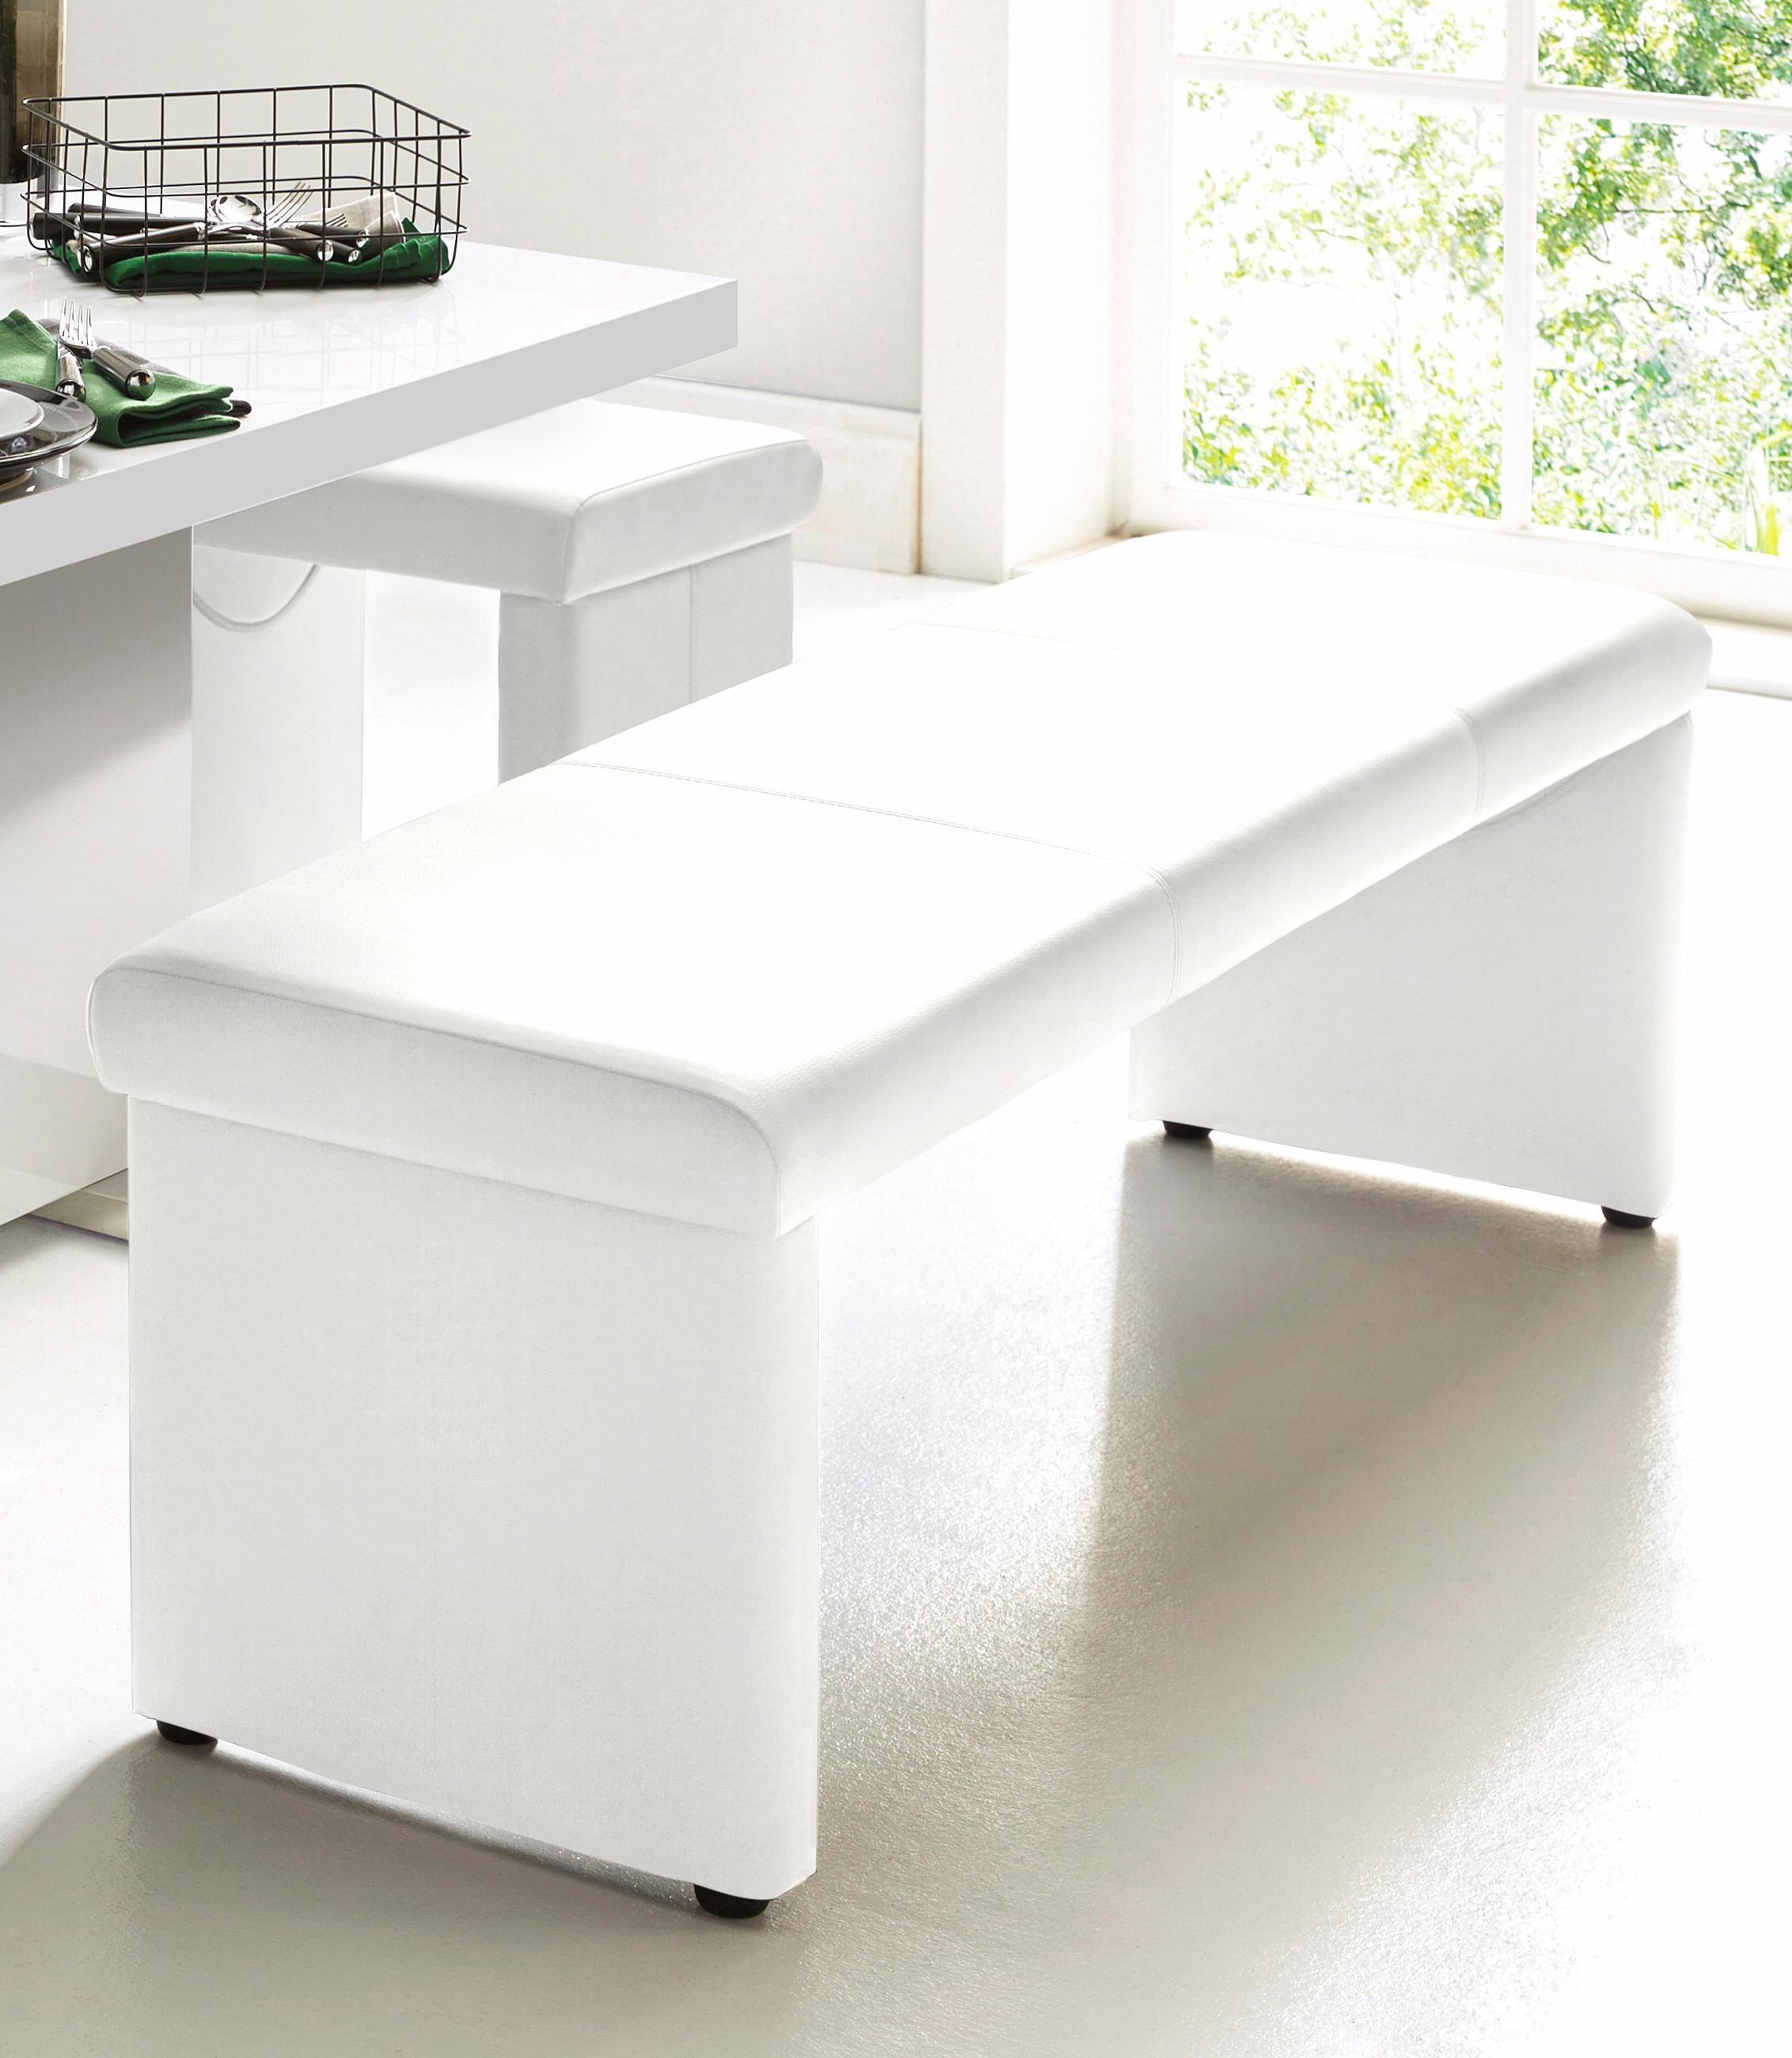 sitzbank wei preisvergleich die besten angebote online kaufen. Black Bedroom Furniture Sets. Home Design Ideas